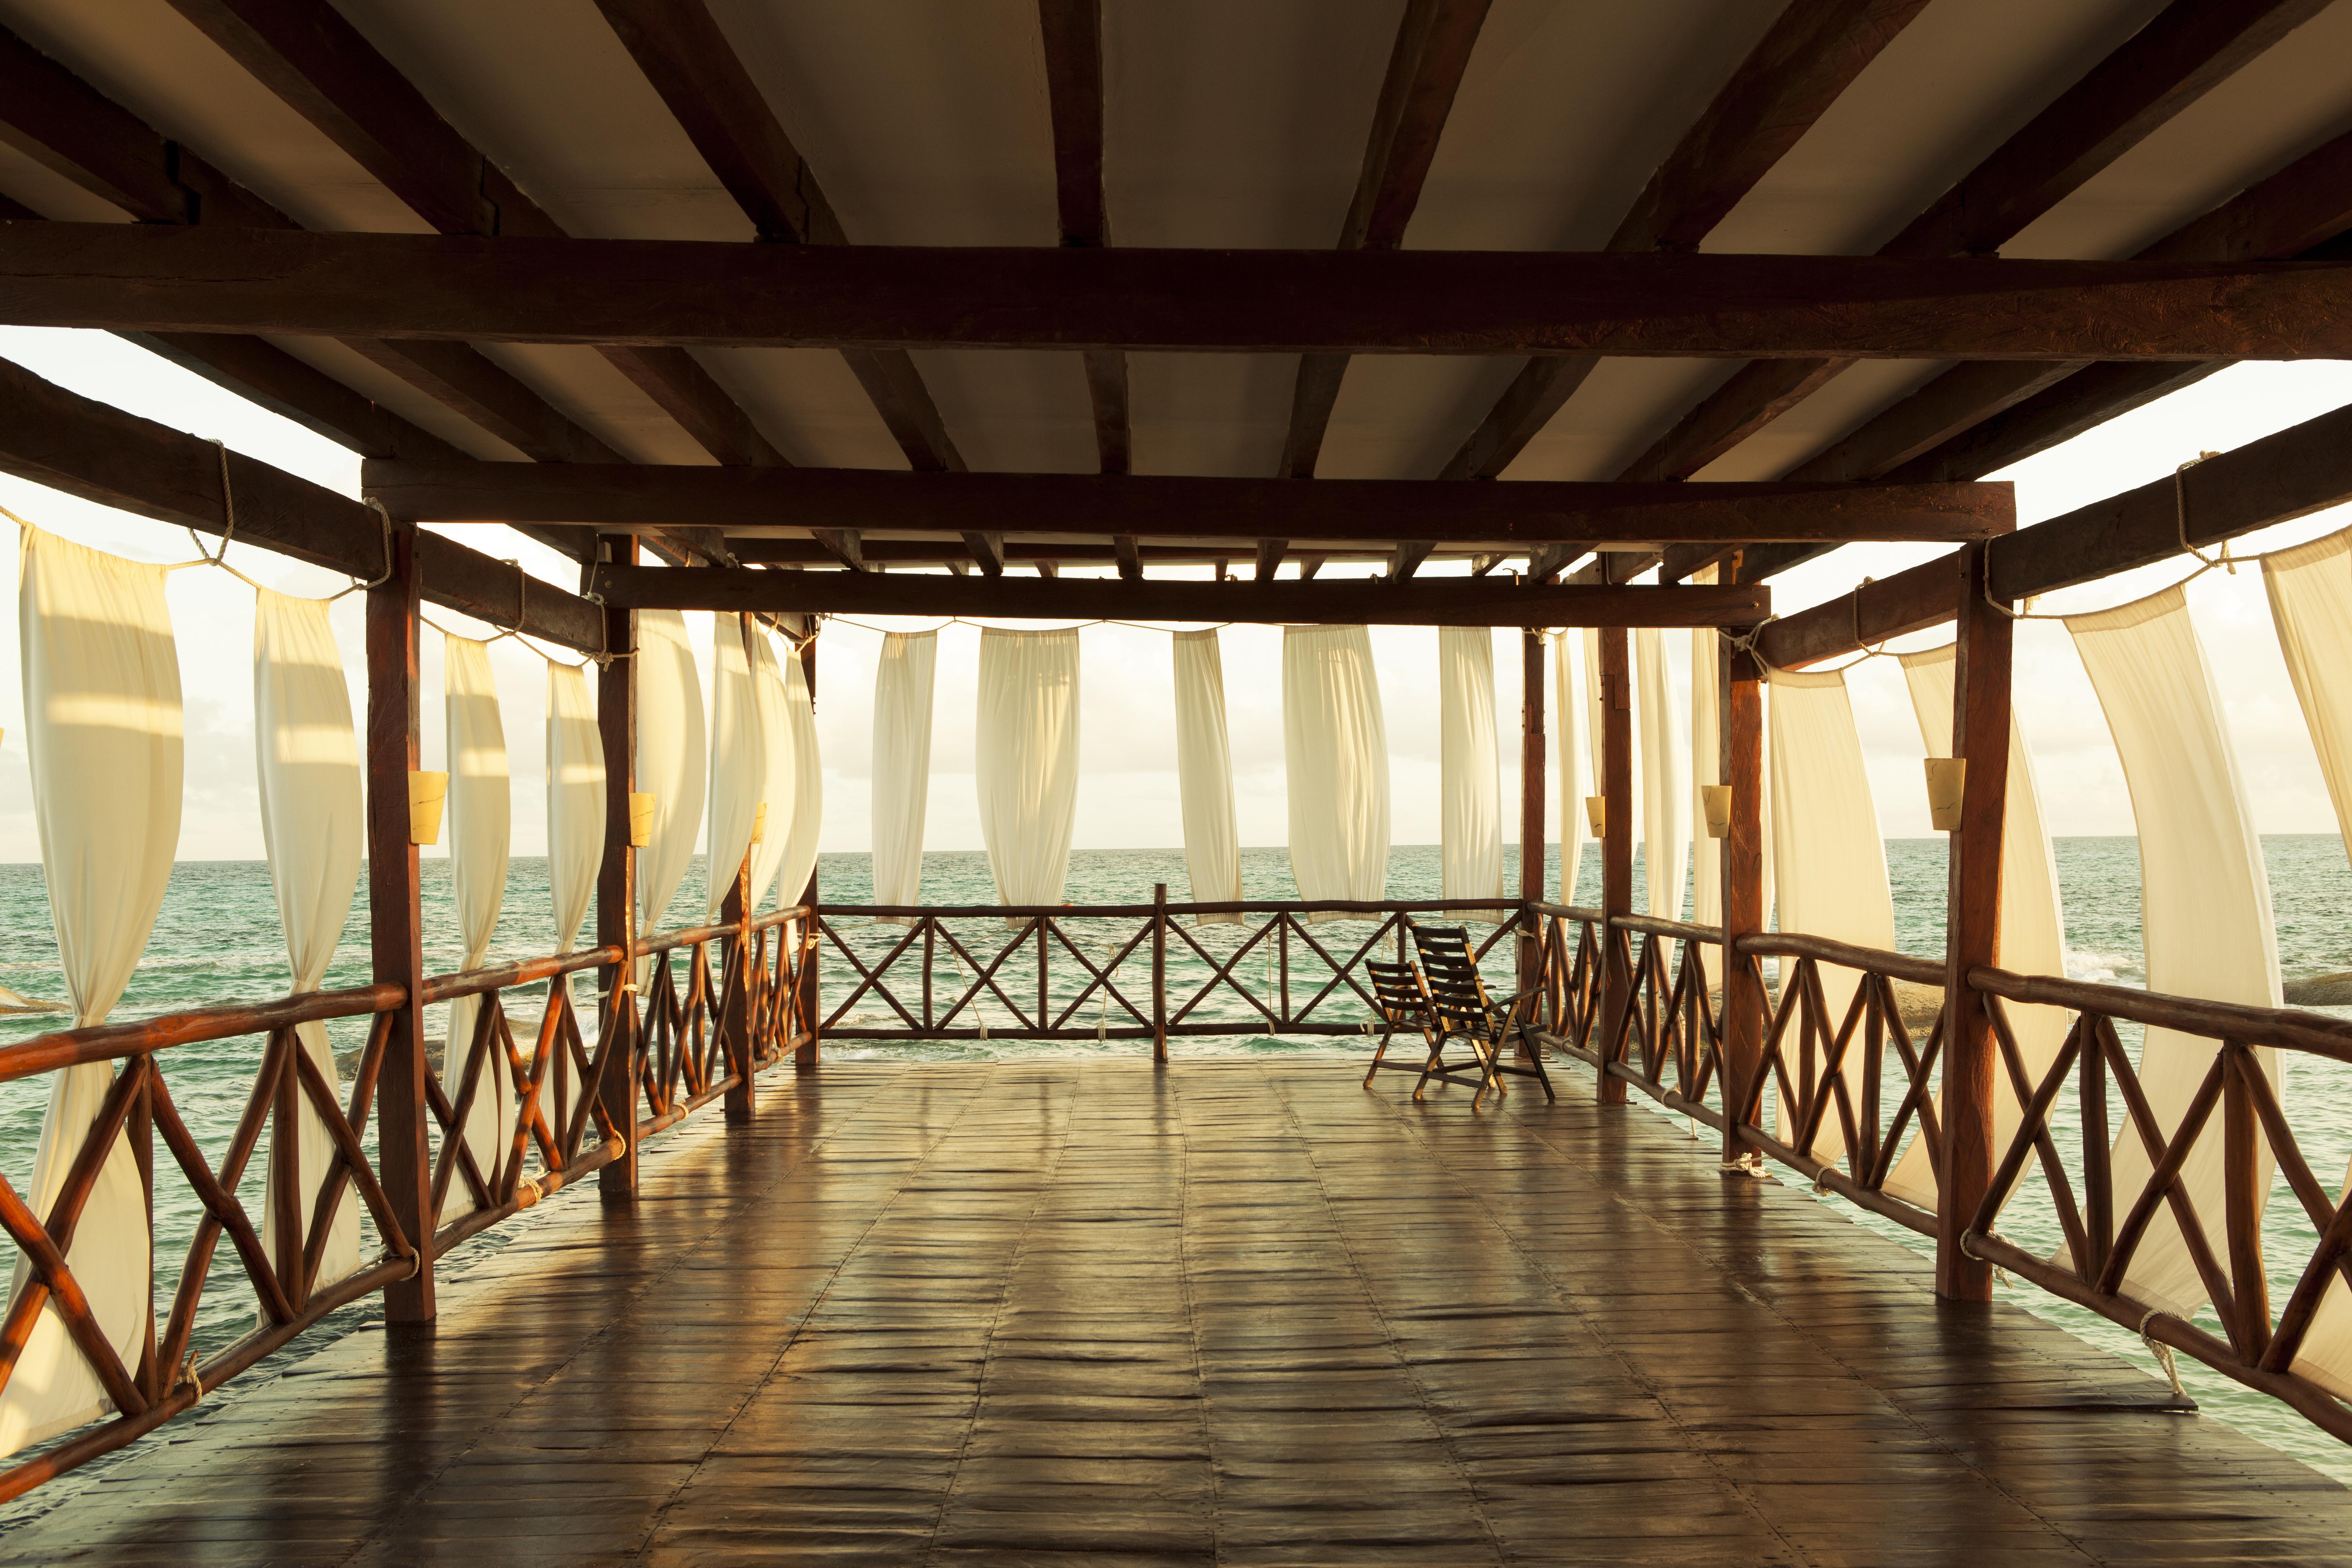 Travel Agency All-Inclusive Resort El Dorado Royale 07